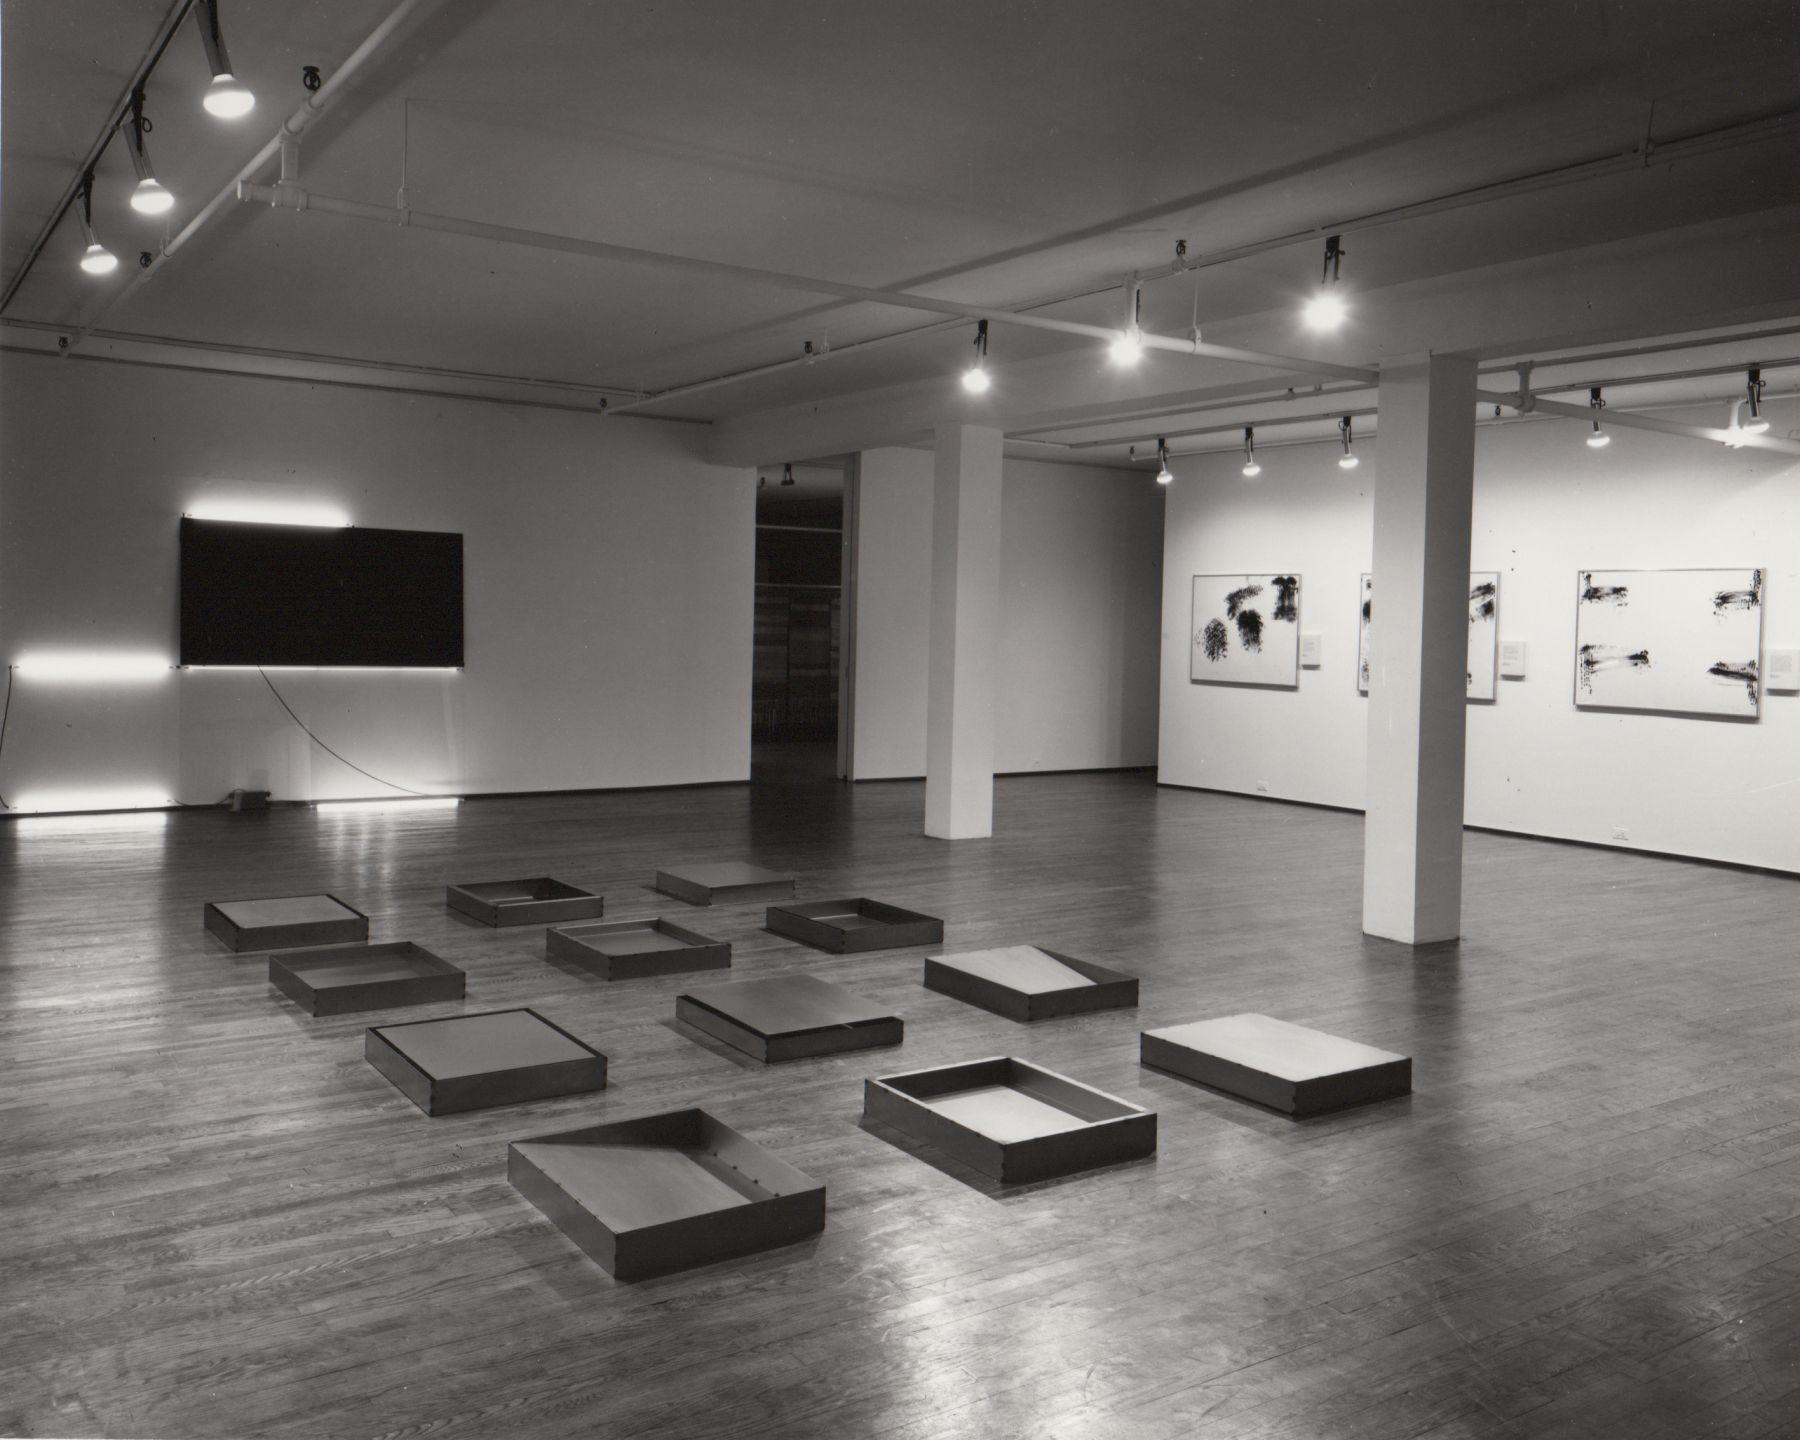 Installation view, Robert Barry / Donald Judd / Robert Morris / Keith Sonnier, 420 WEST BROADWAY